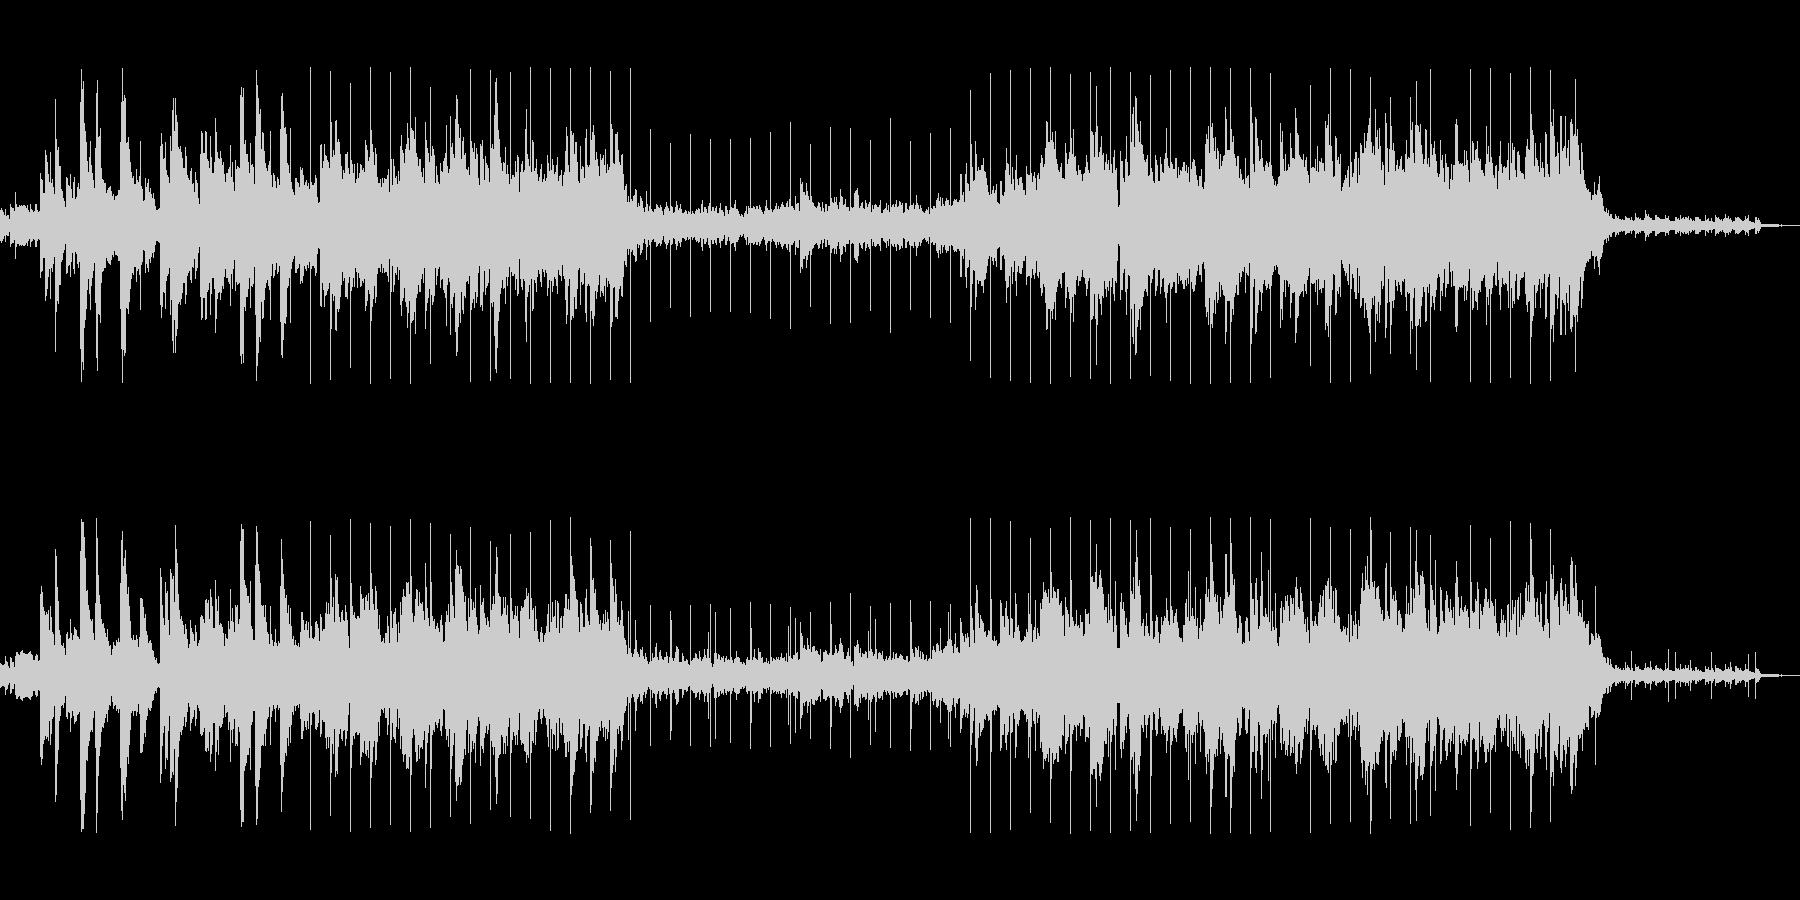 秋のローファイリラックスビートの未再生の波形